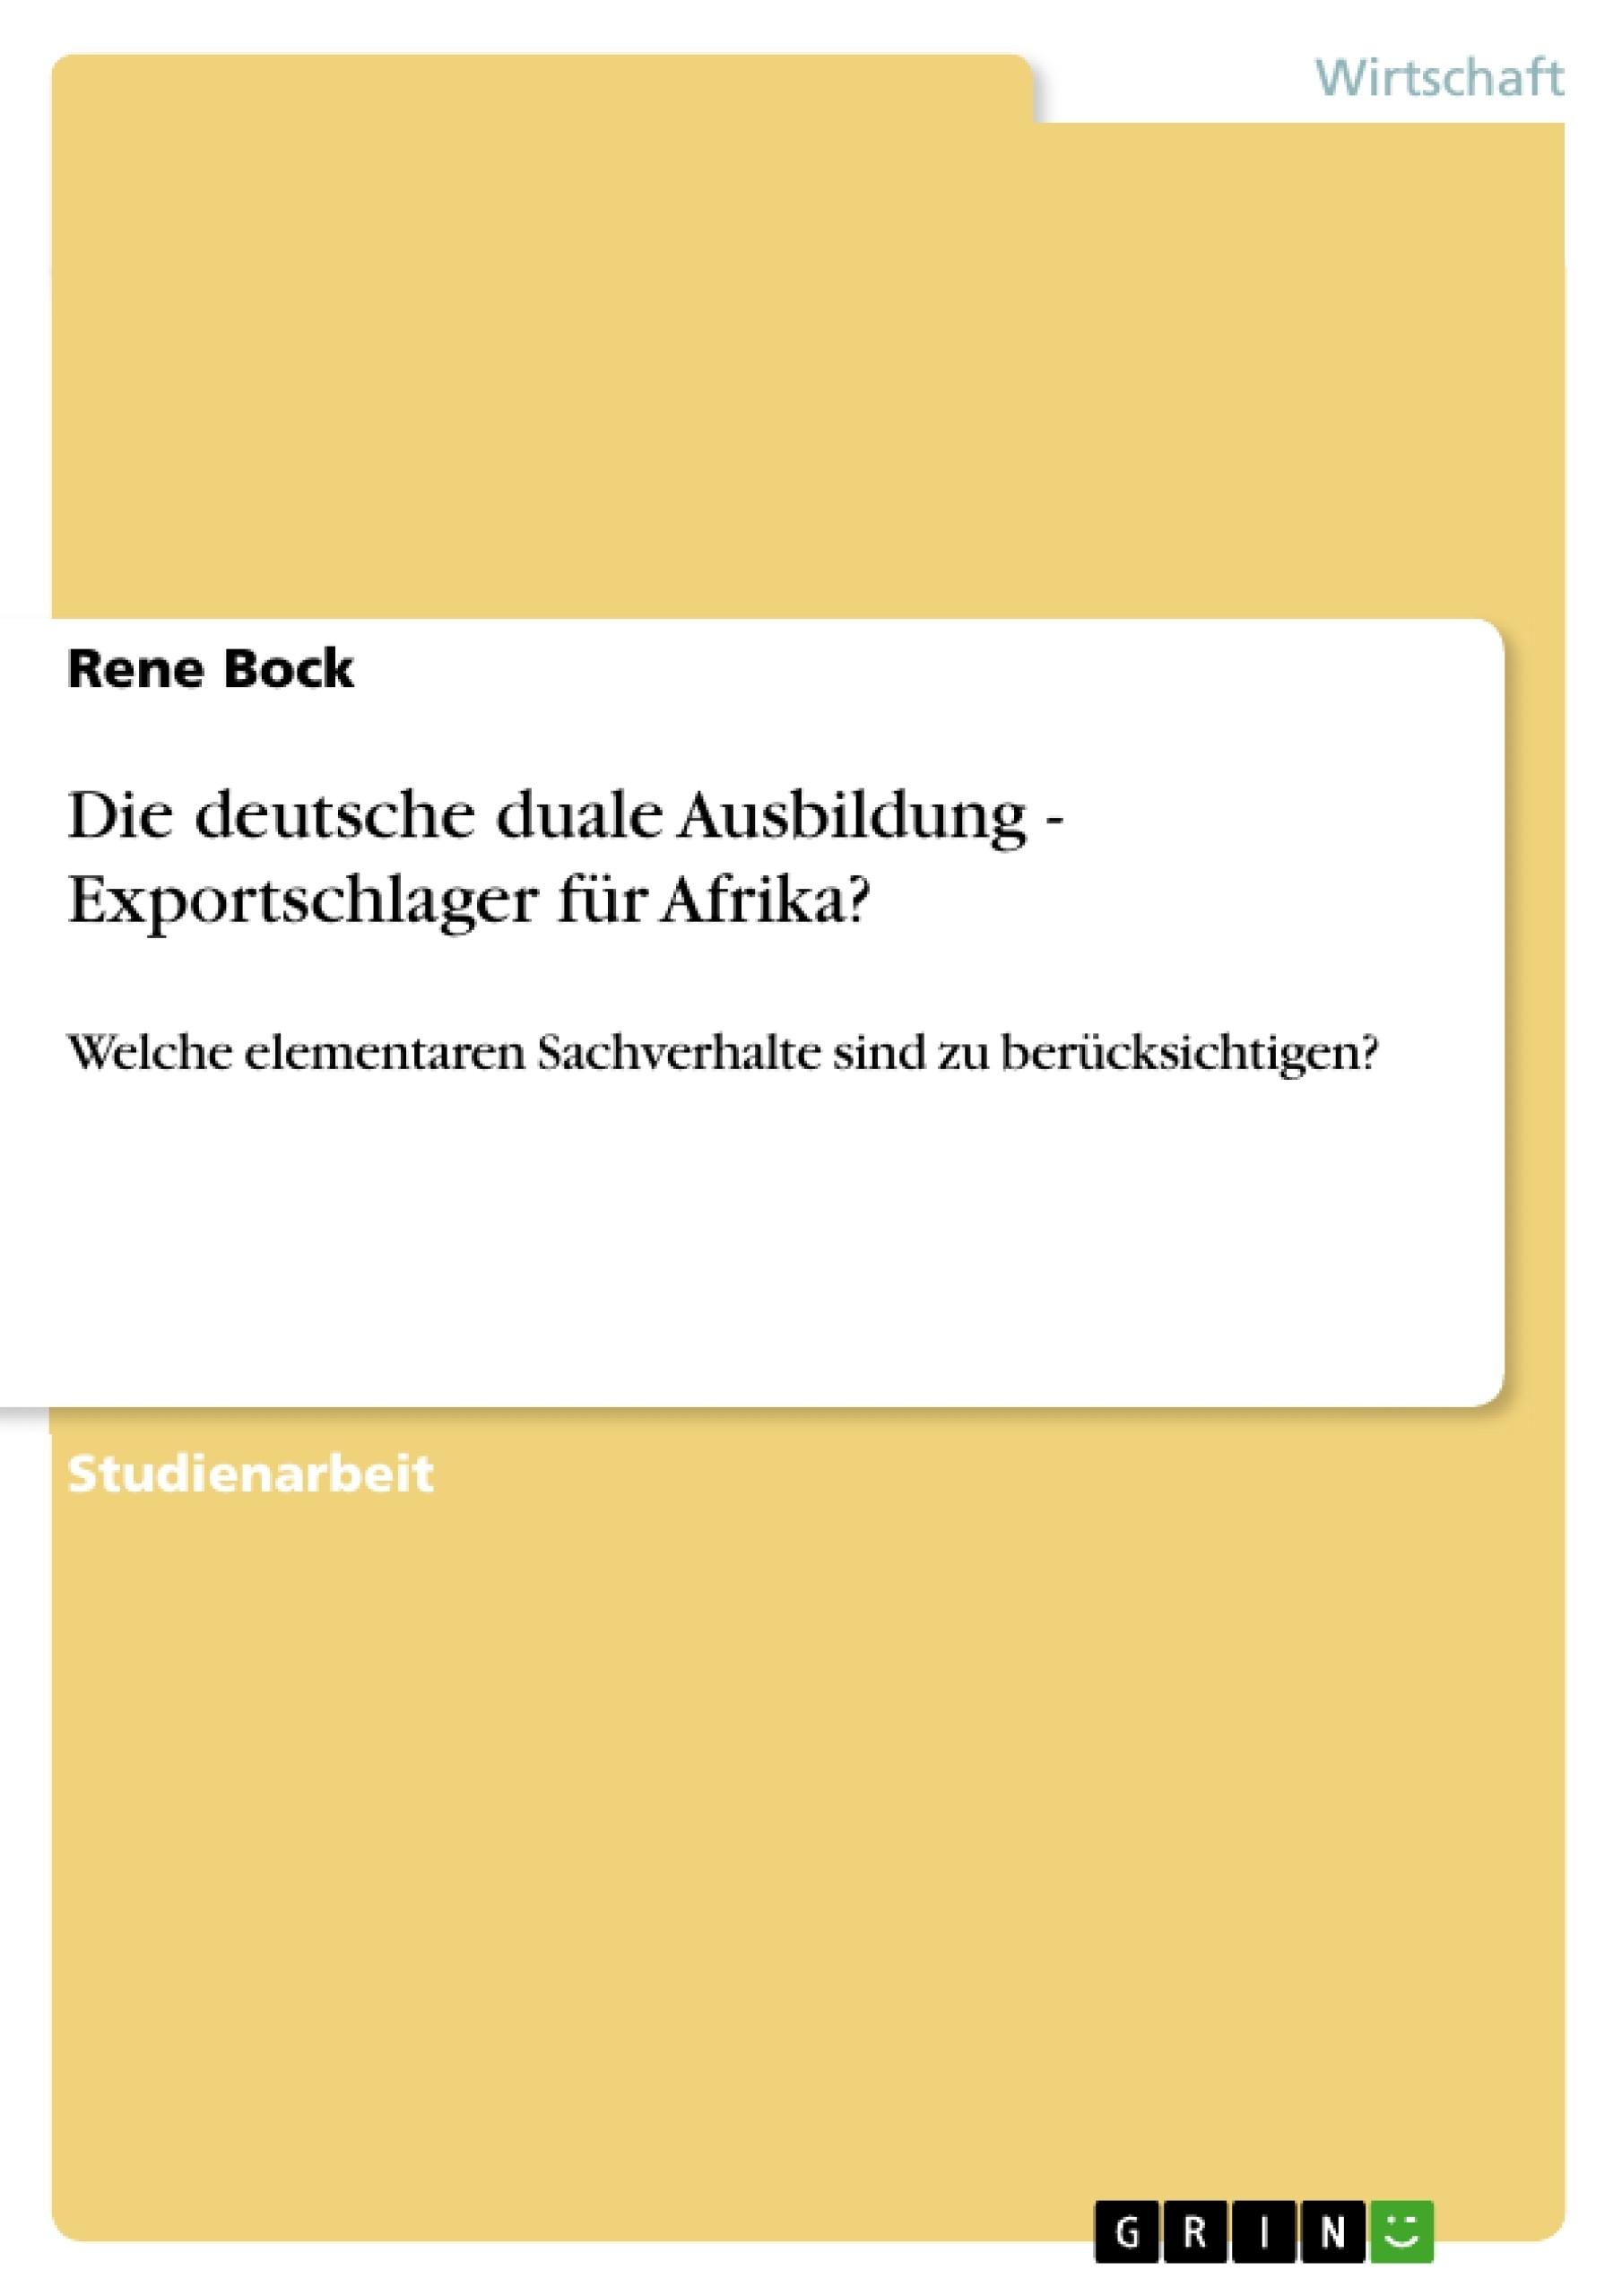 Titel: Die deutsche duale Ausbildung - Exportschlager für Afrika?